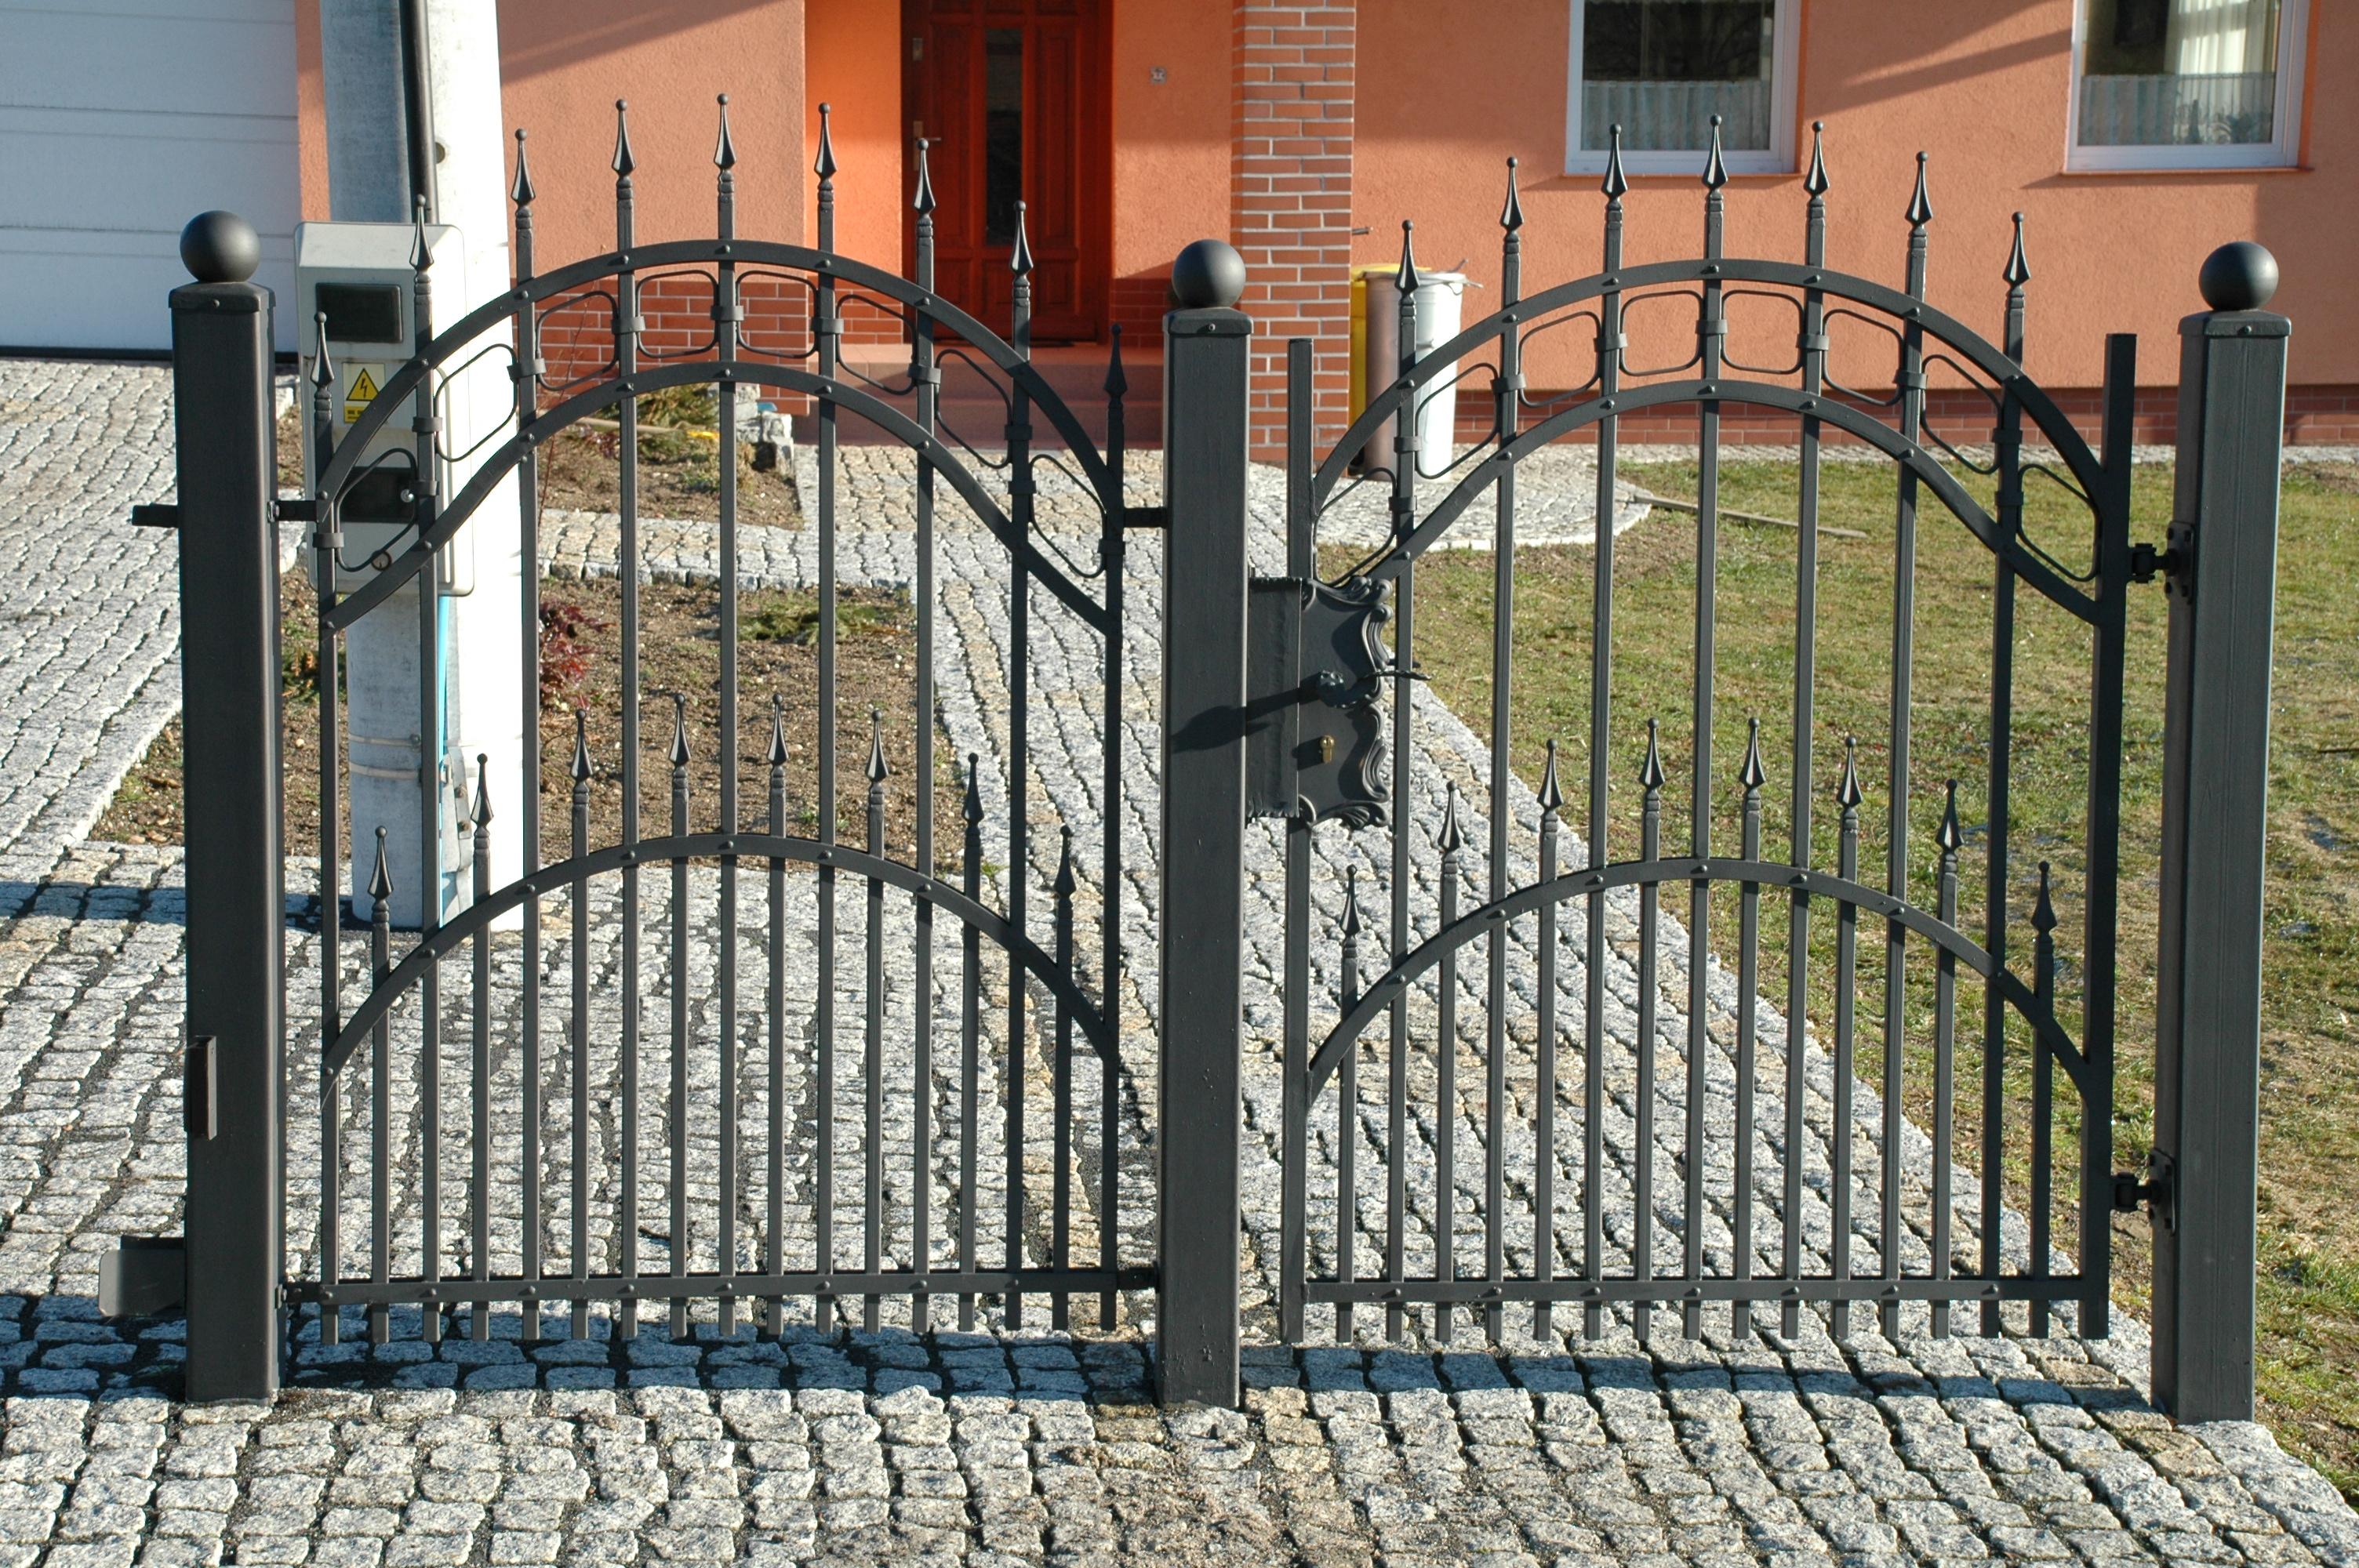 Hausgartenprofi Pforte Garten Haus Klassischer Zaun Tuer